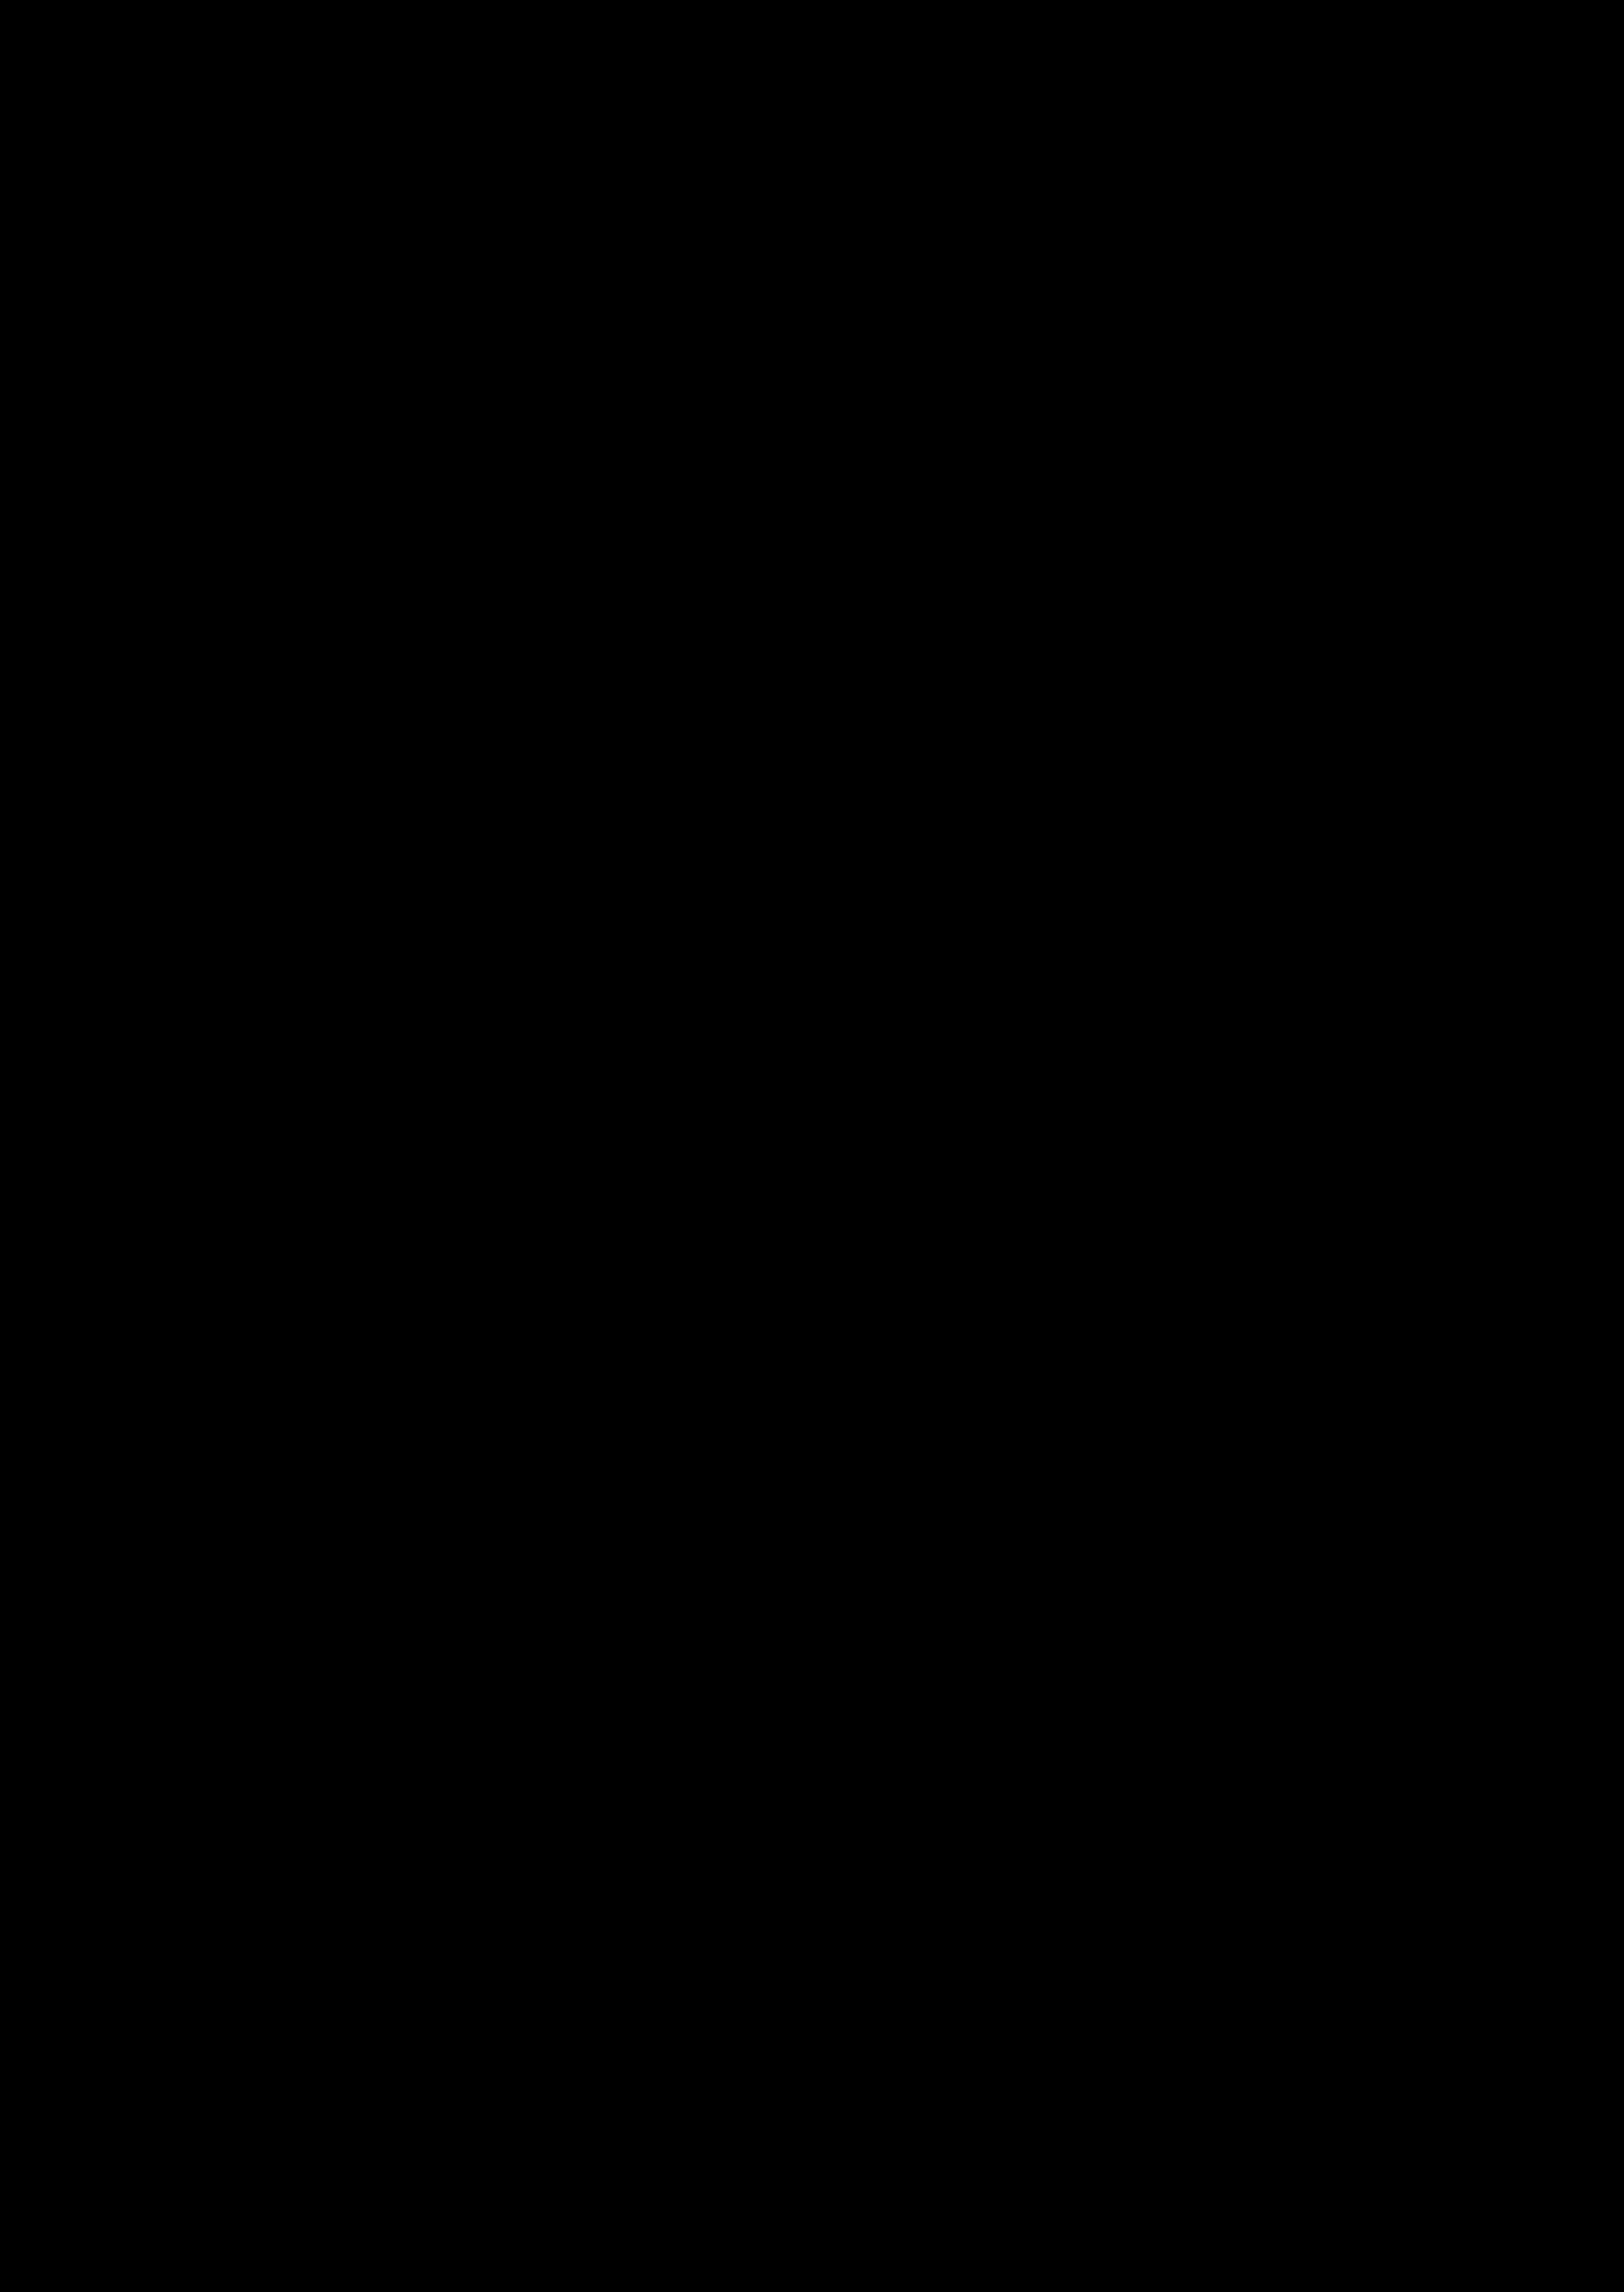 Los campeonatos de Aragón Ruta, arrancan el próximo fin de semana.